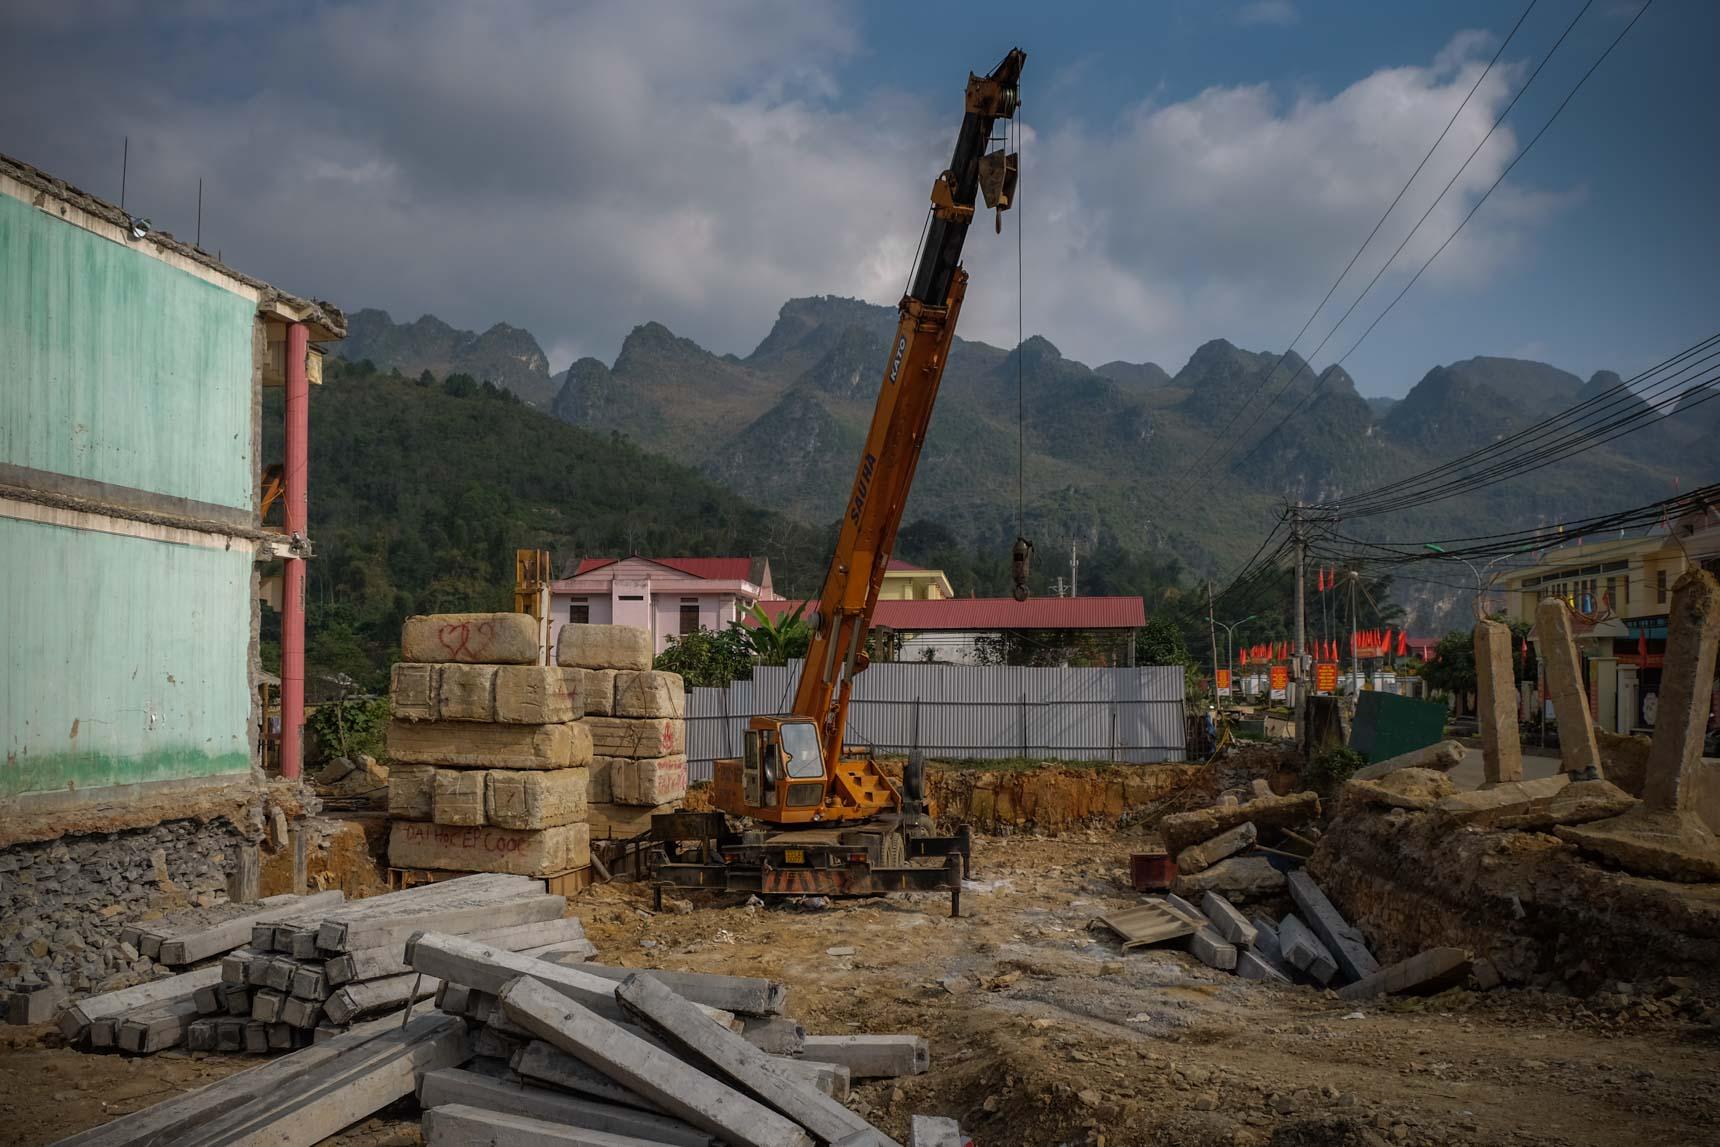 Yên Minh Town Construction